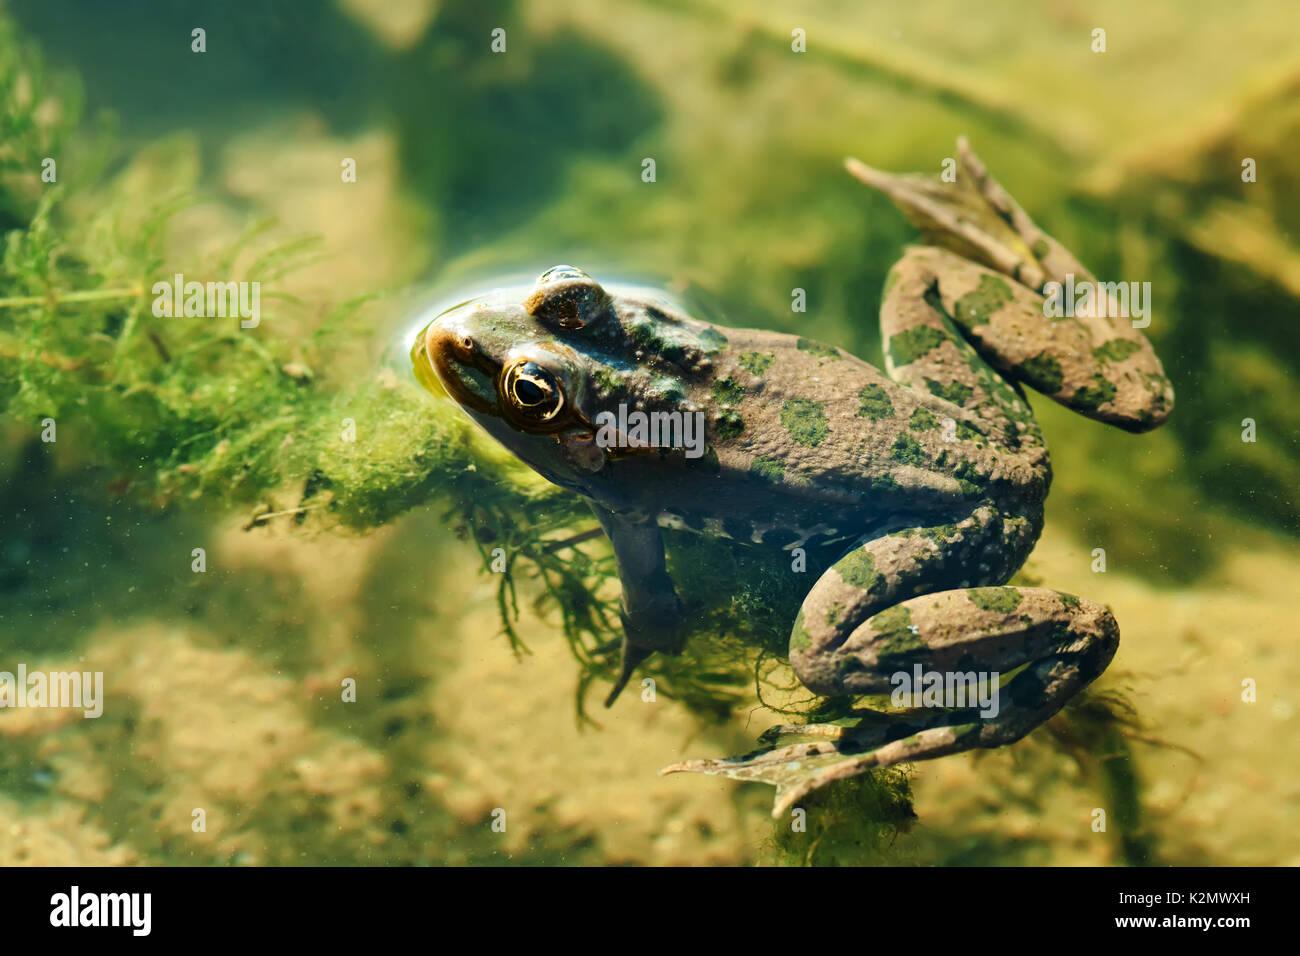 Natación rana verde Marsh hábitat natural, marrón de camuflaje anfibio Pelophylax ridibundus. Vista de arriba, el enfoque selectivo, río fondo floral Imagen De Stock